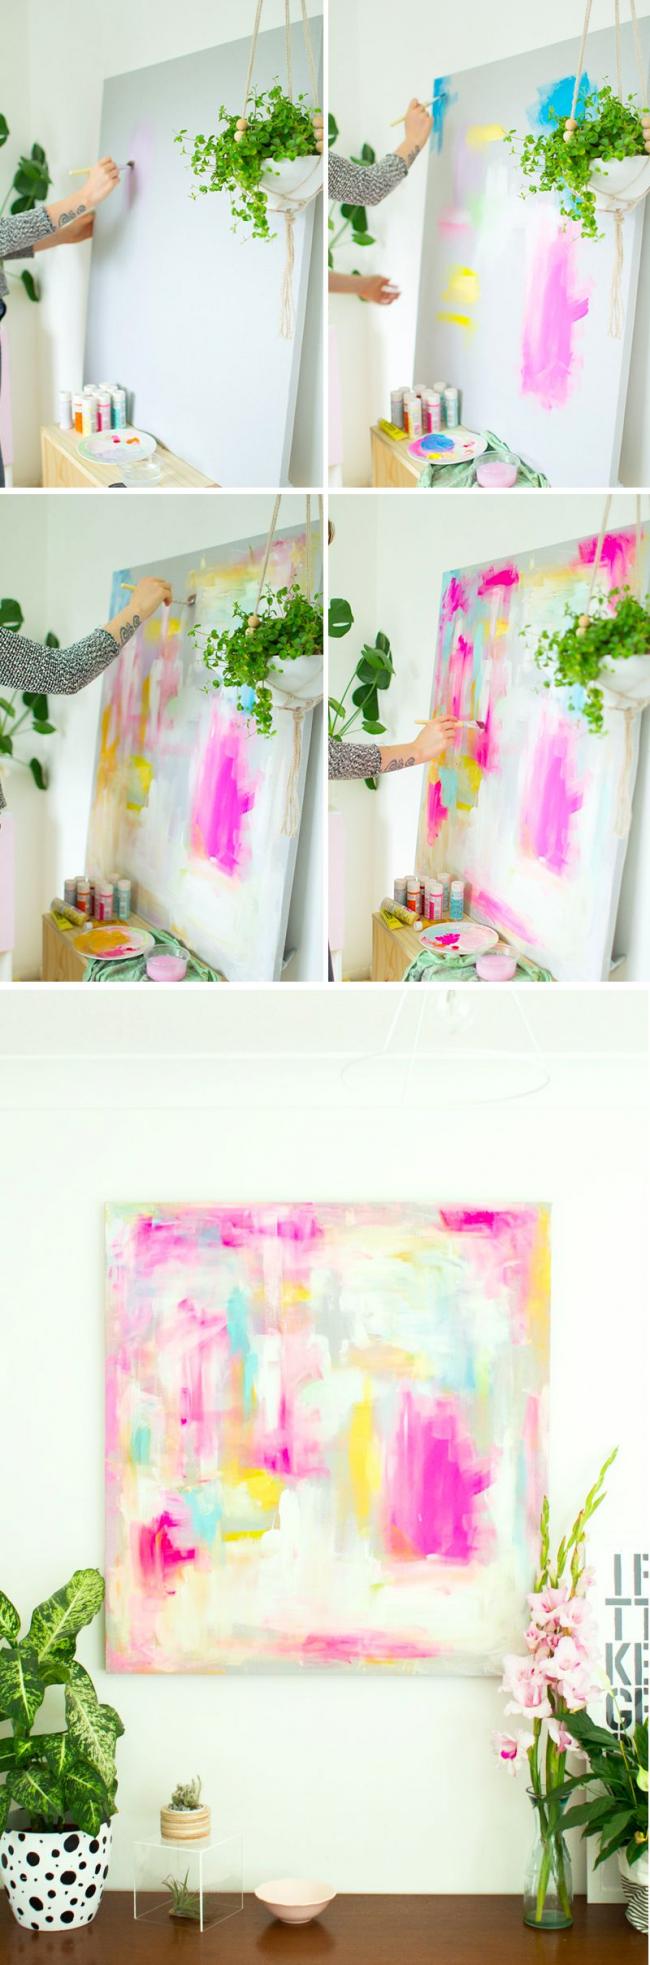 Technique pour créer une peinture abstraite à l'aide de peintures